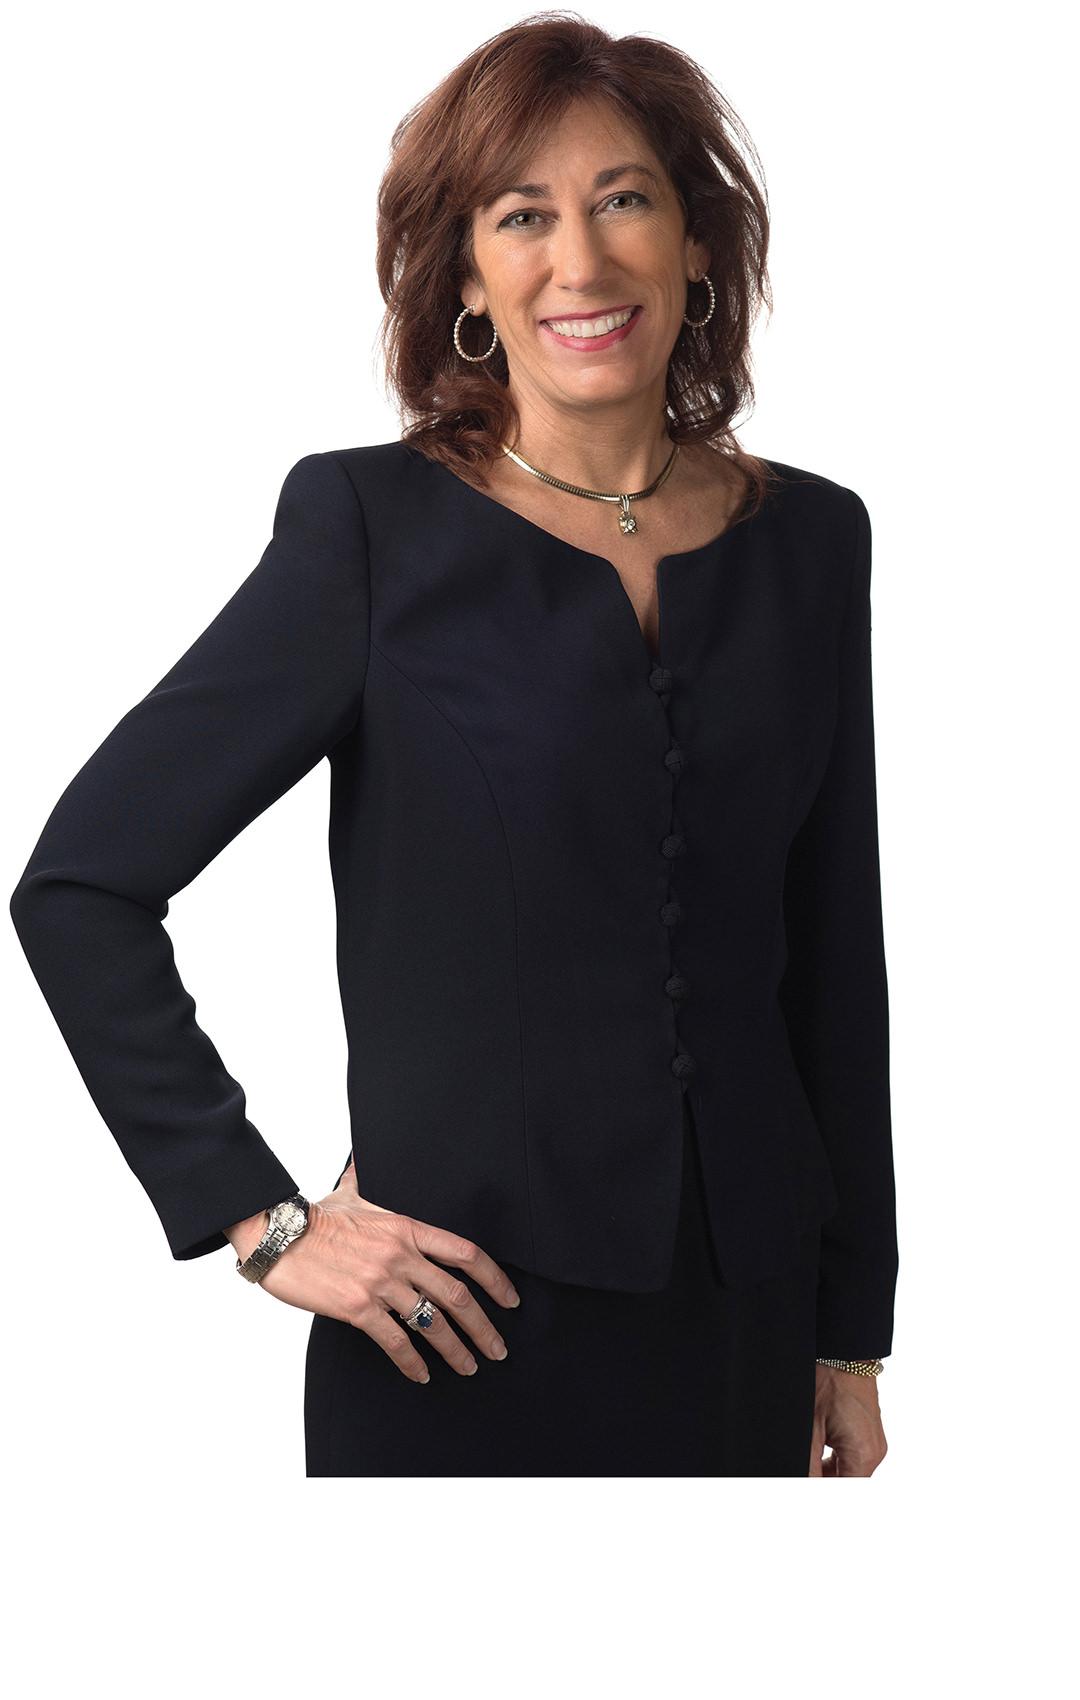 Anne Marie Garavaglia